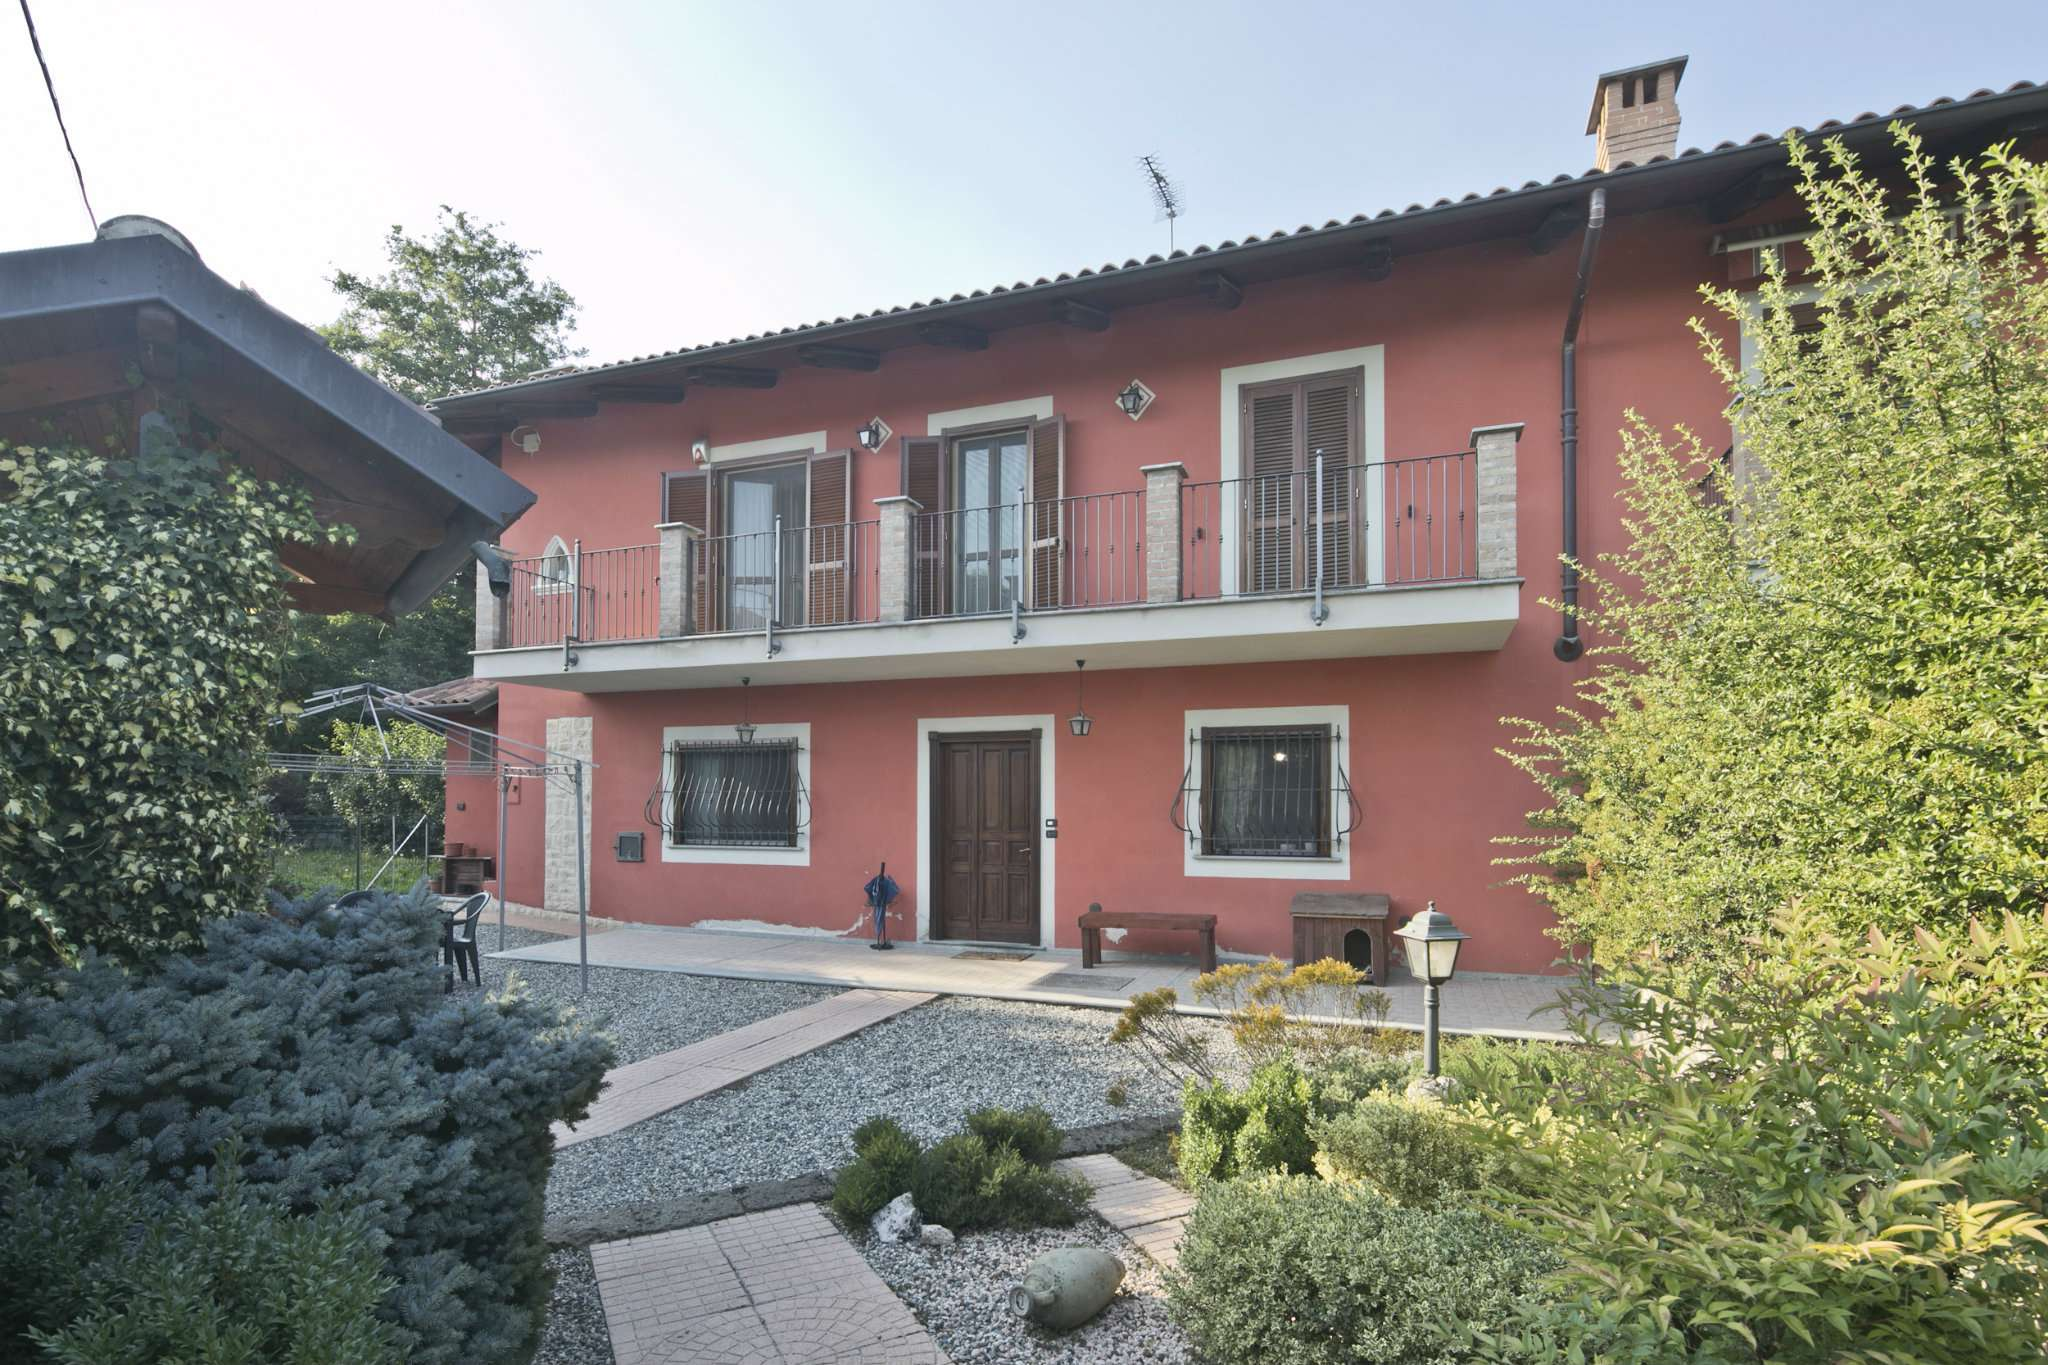 Soluzione Semindipendente in vendita a Leini, 5 locali, prezzo € 239.000 | PortaleAgenzieImmobiliari.it